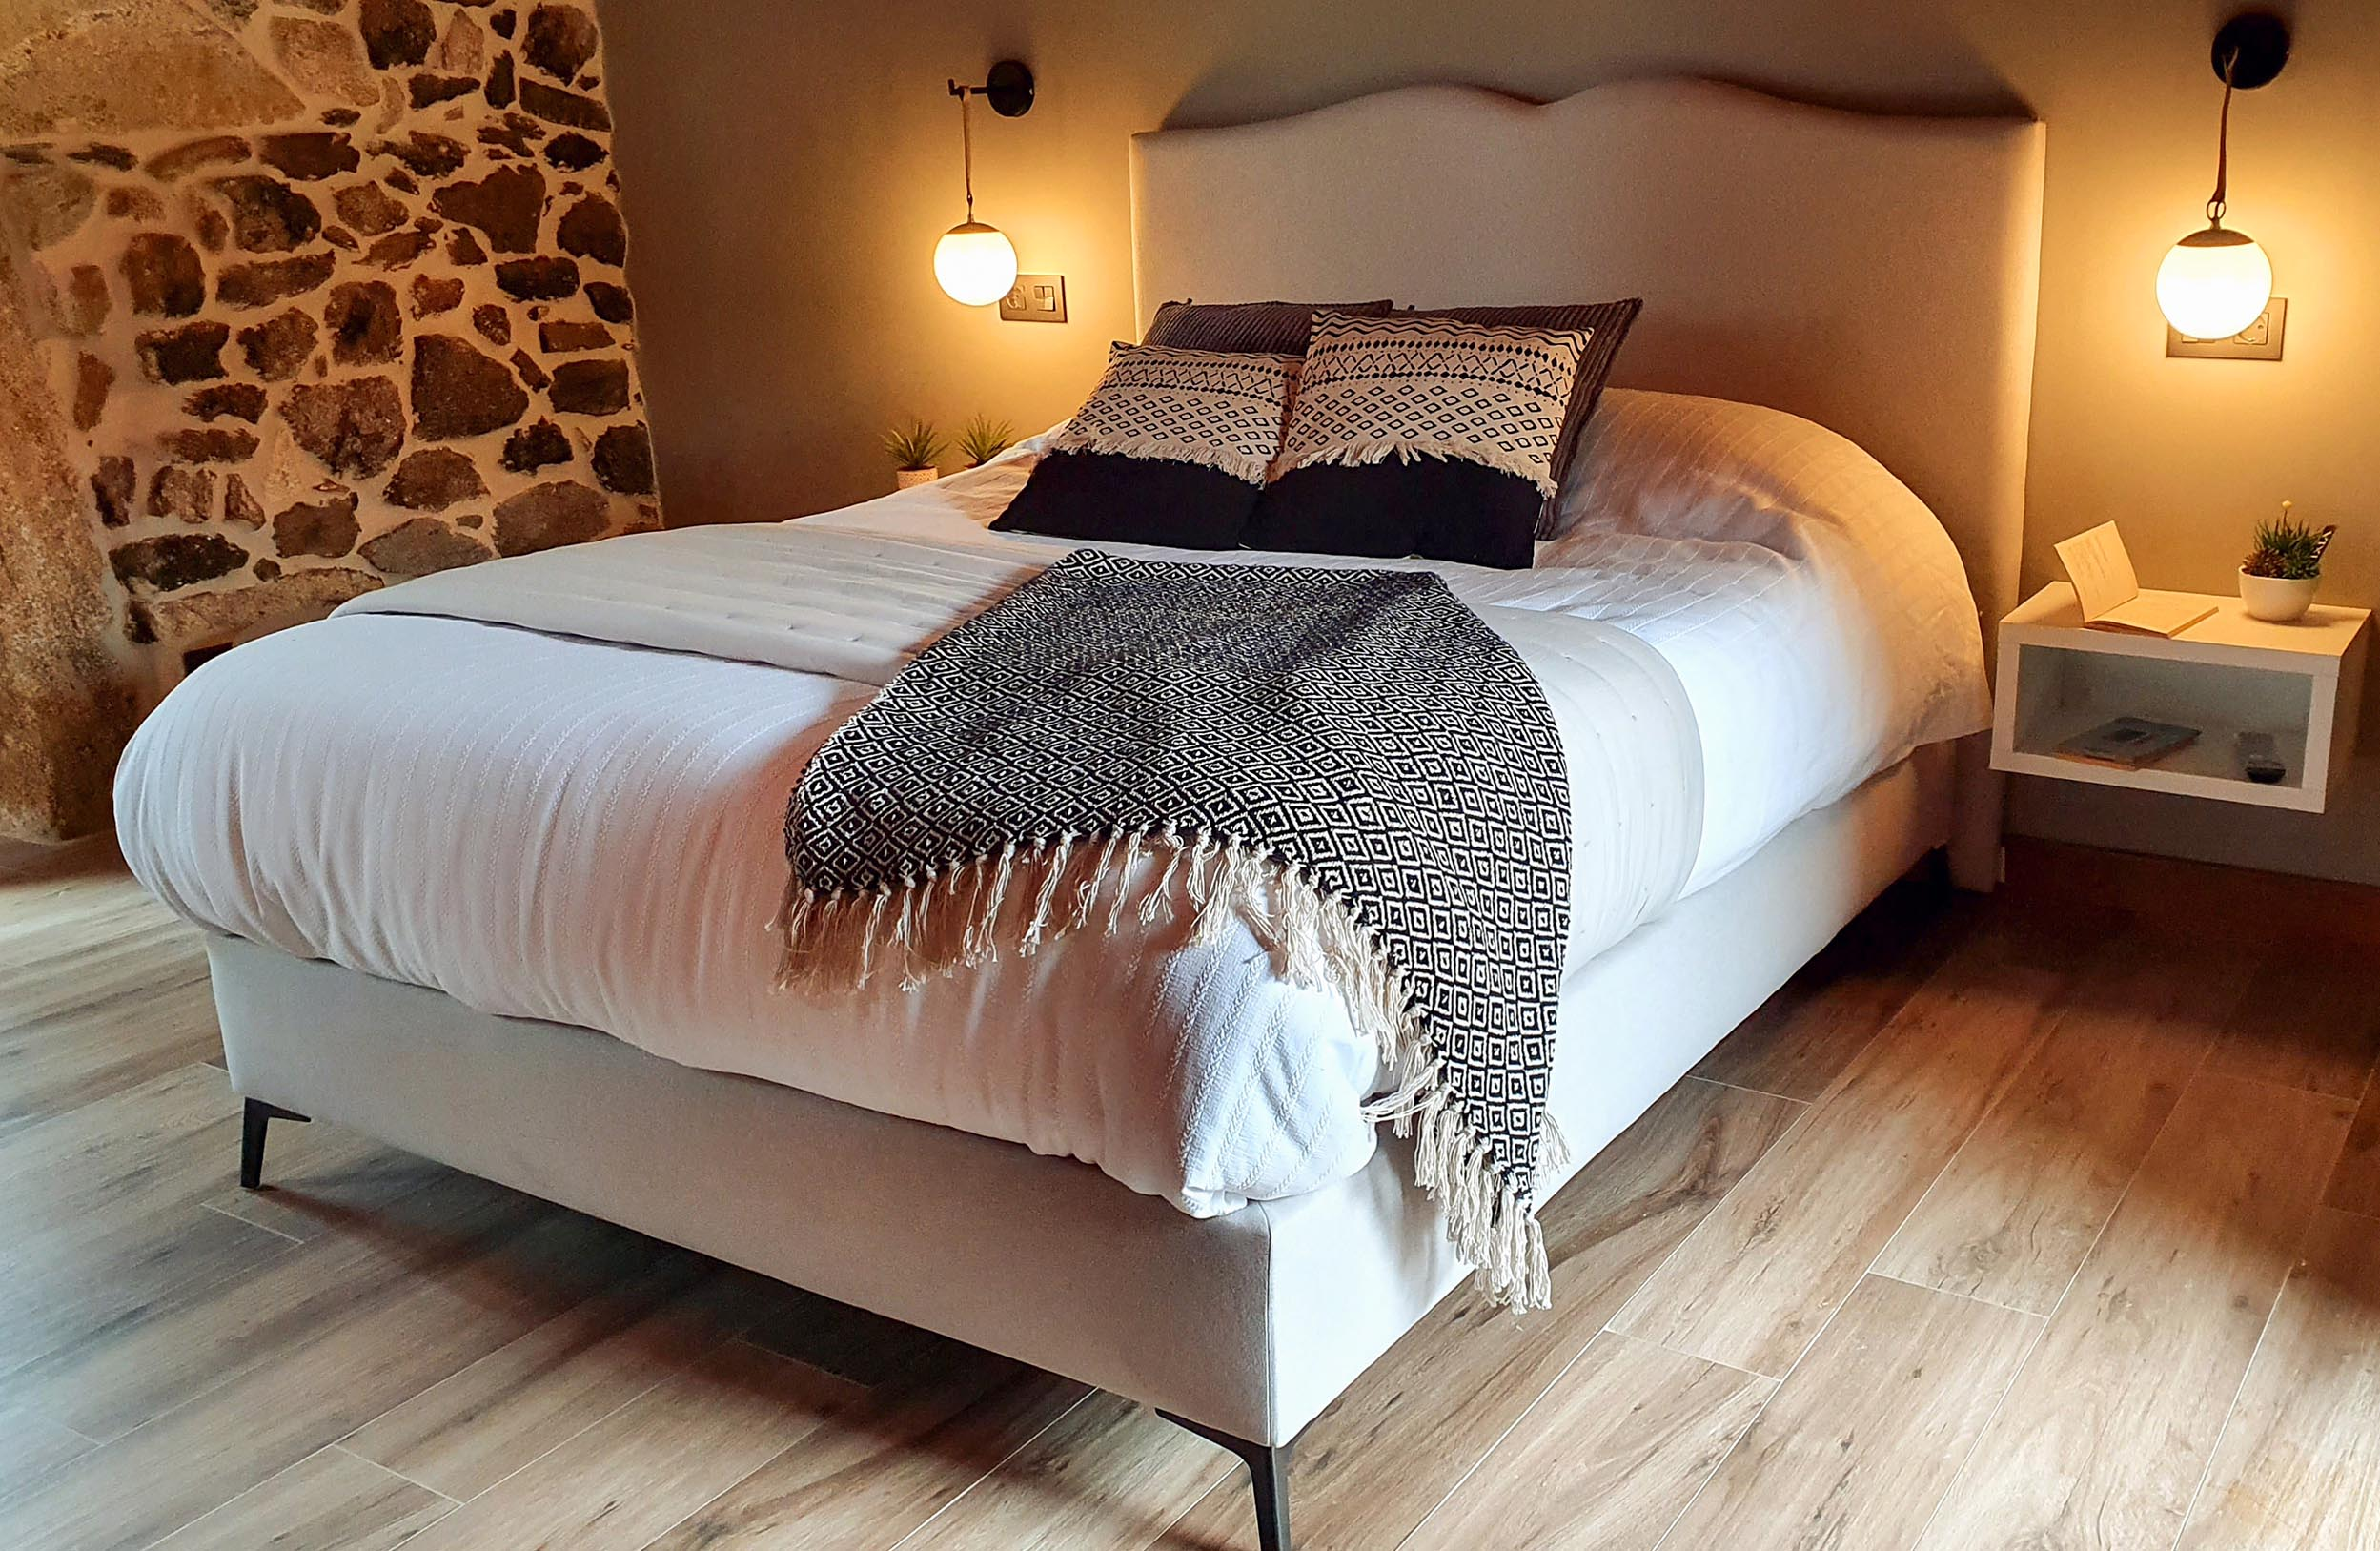 Hotel La Rectoral, cuando el turismo rural vende confort